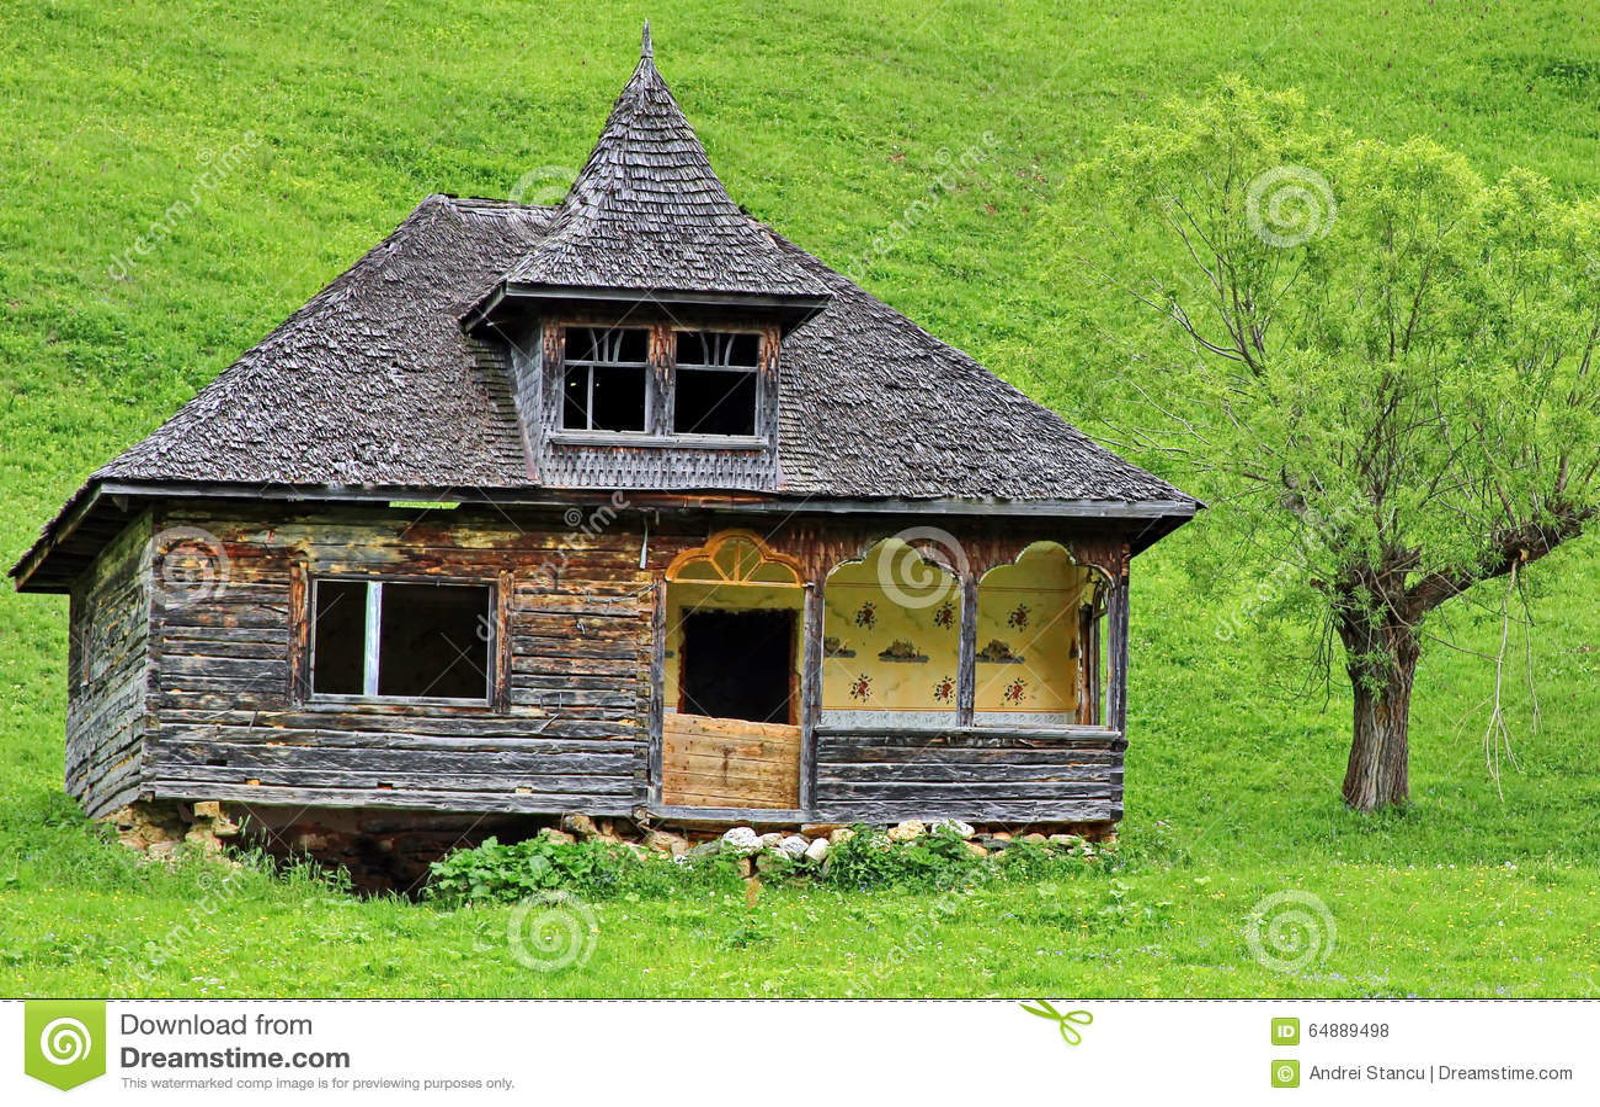 Vecchia casa di legno tradizionale fotografia stock for Casa tradizionale islandese